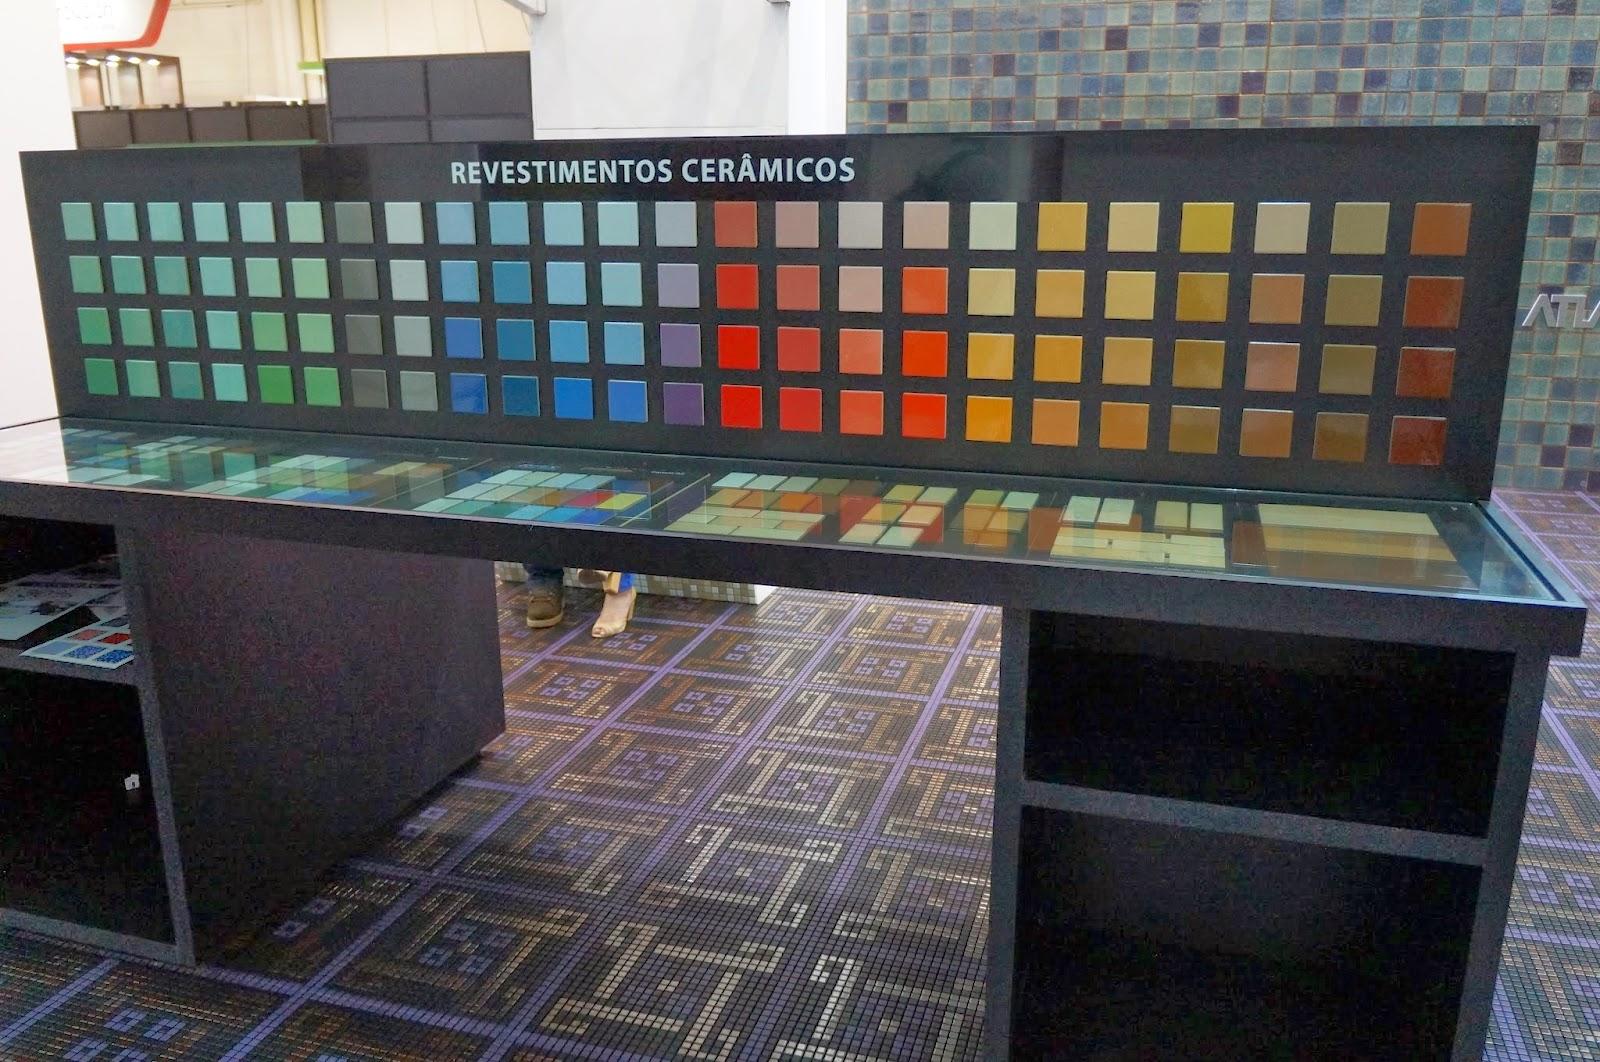 revestimentos cerâmicos em variadas cores e tons - empresa Atlas - Expo Revestir 2014